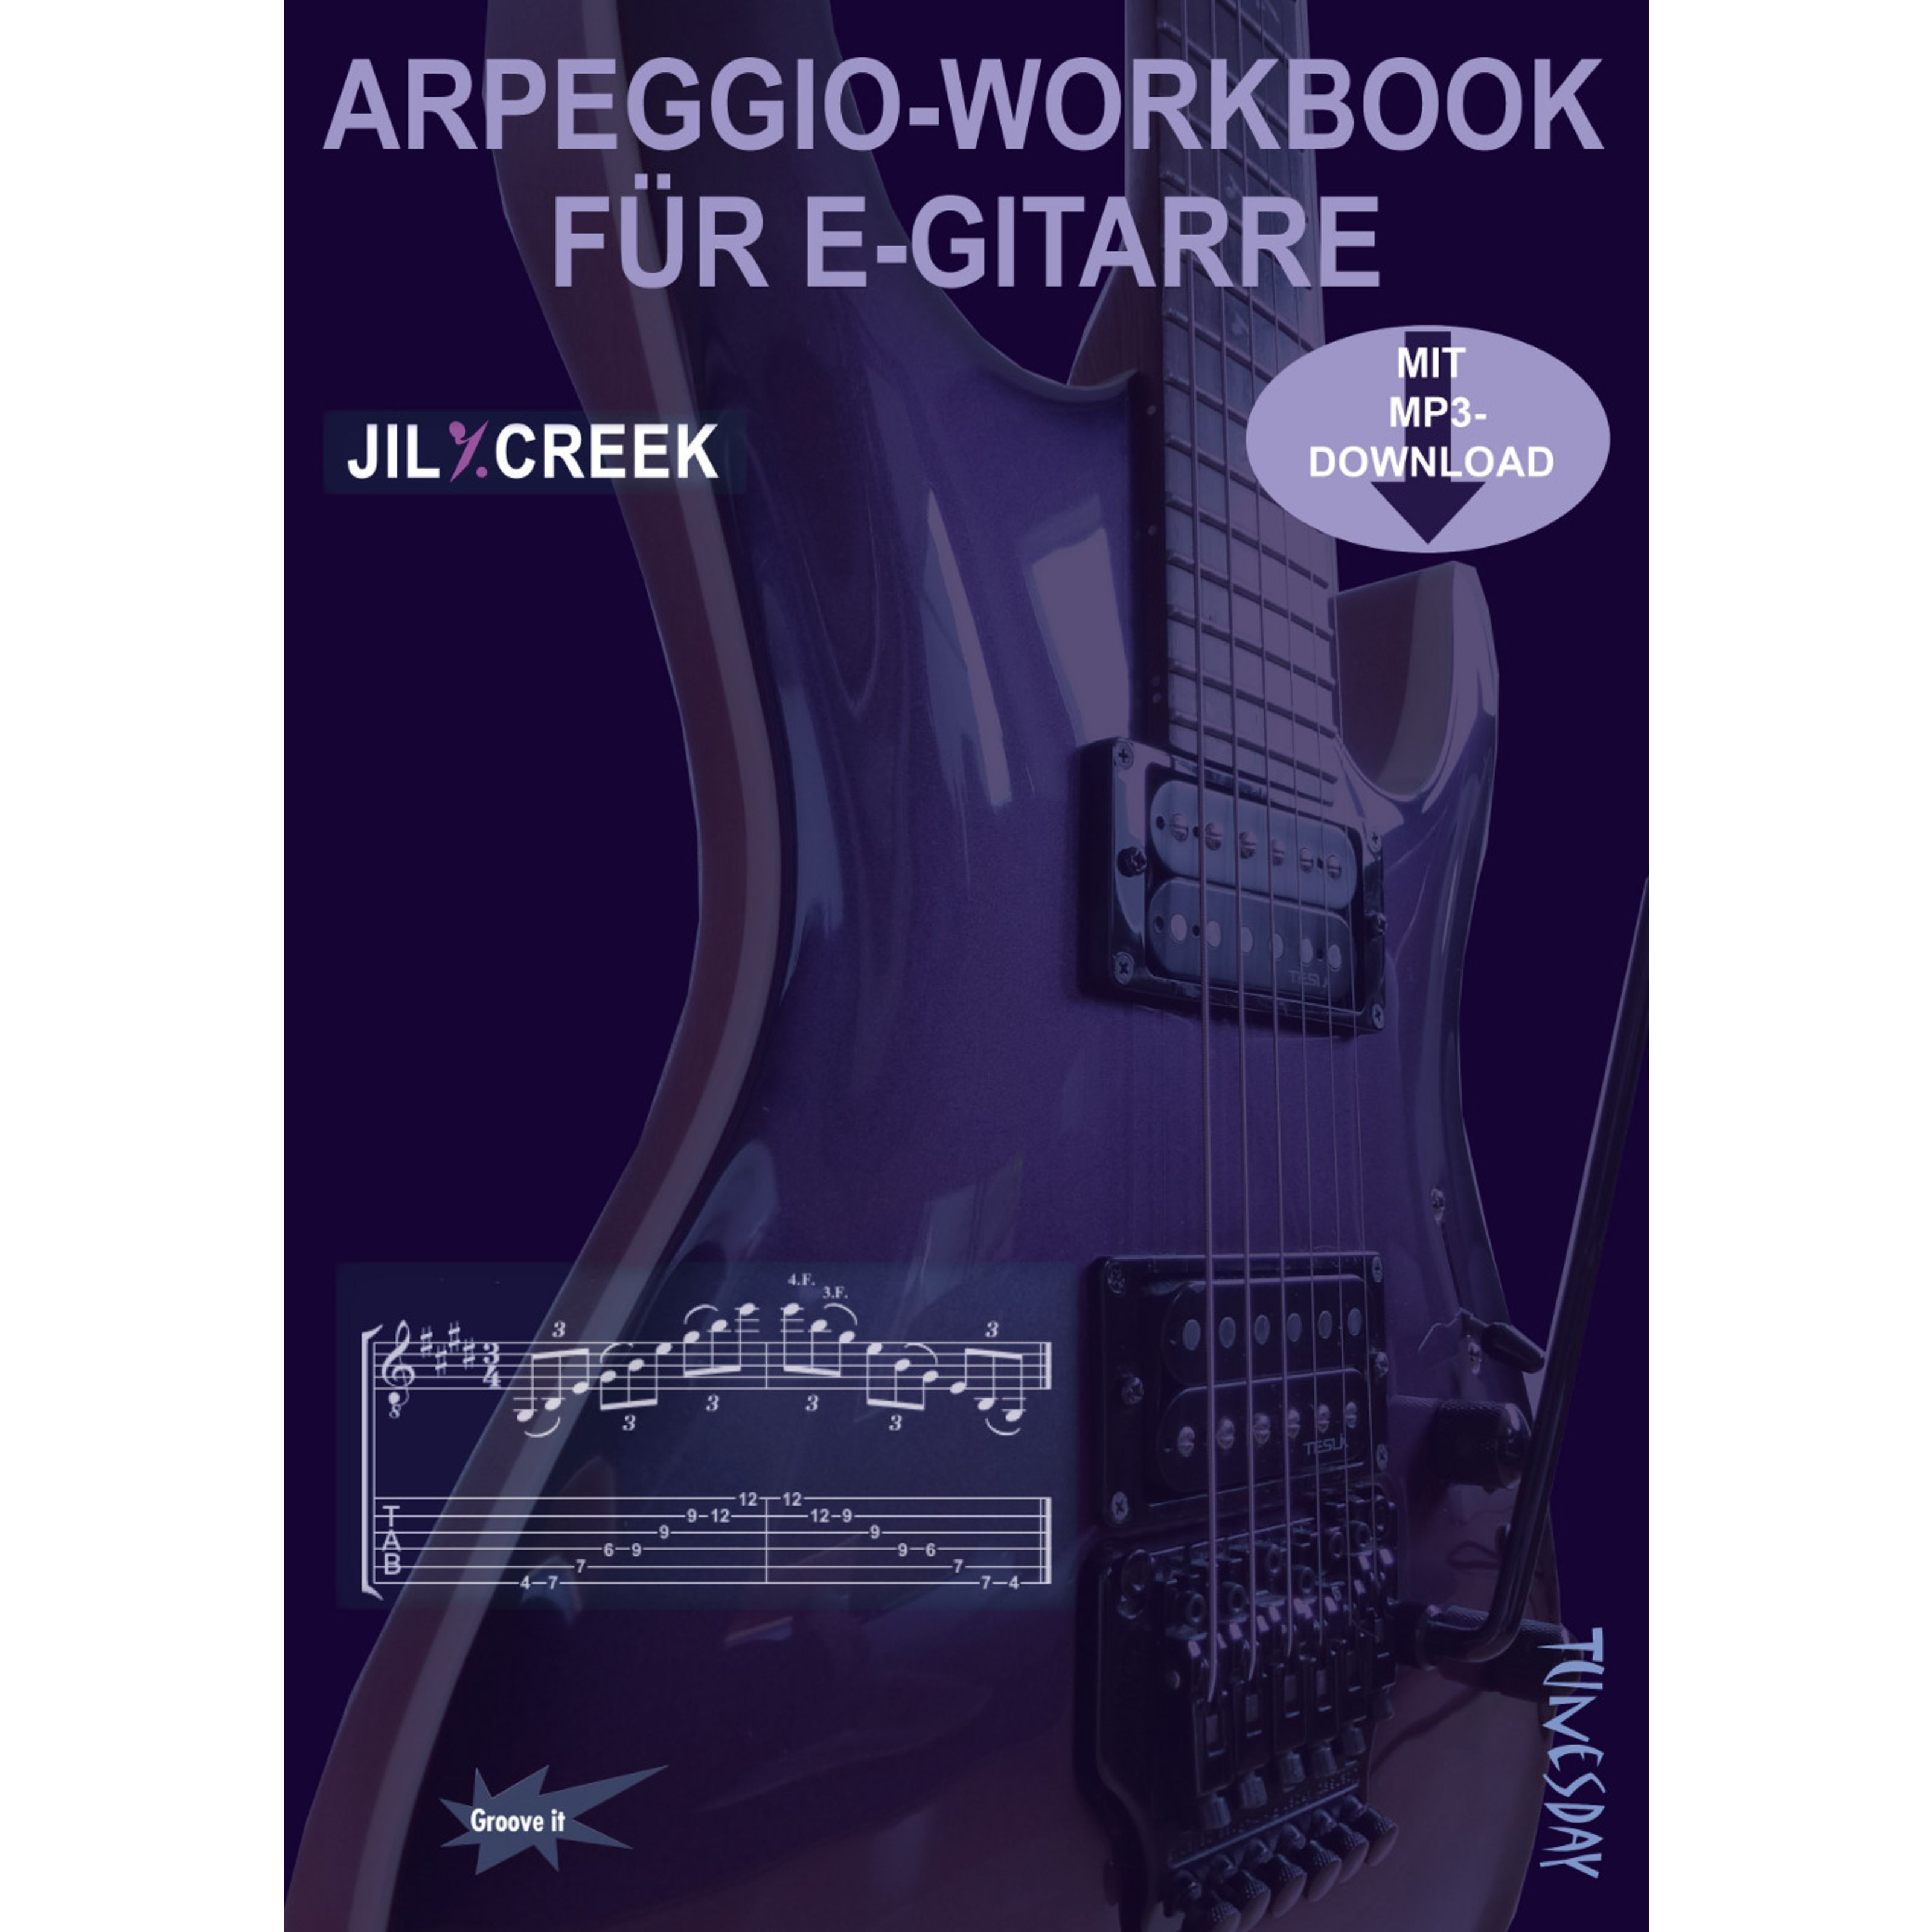 Tunesday - Arpeggio-Workbook für E-Gitarre TUN 36